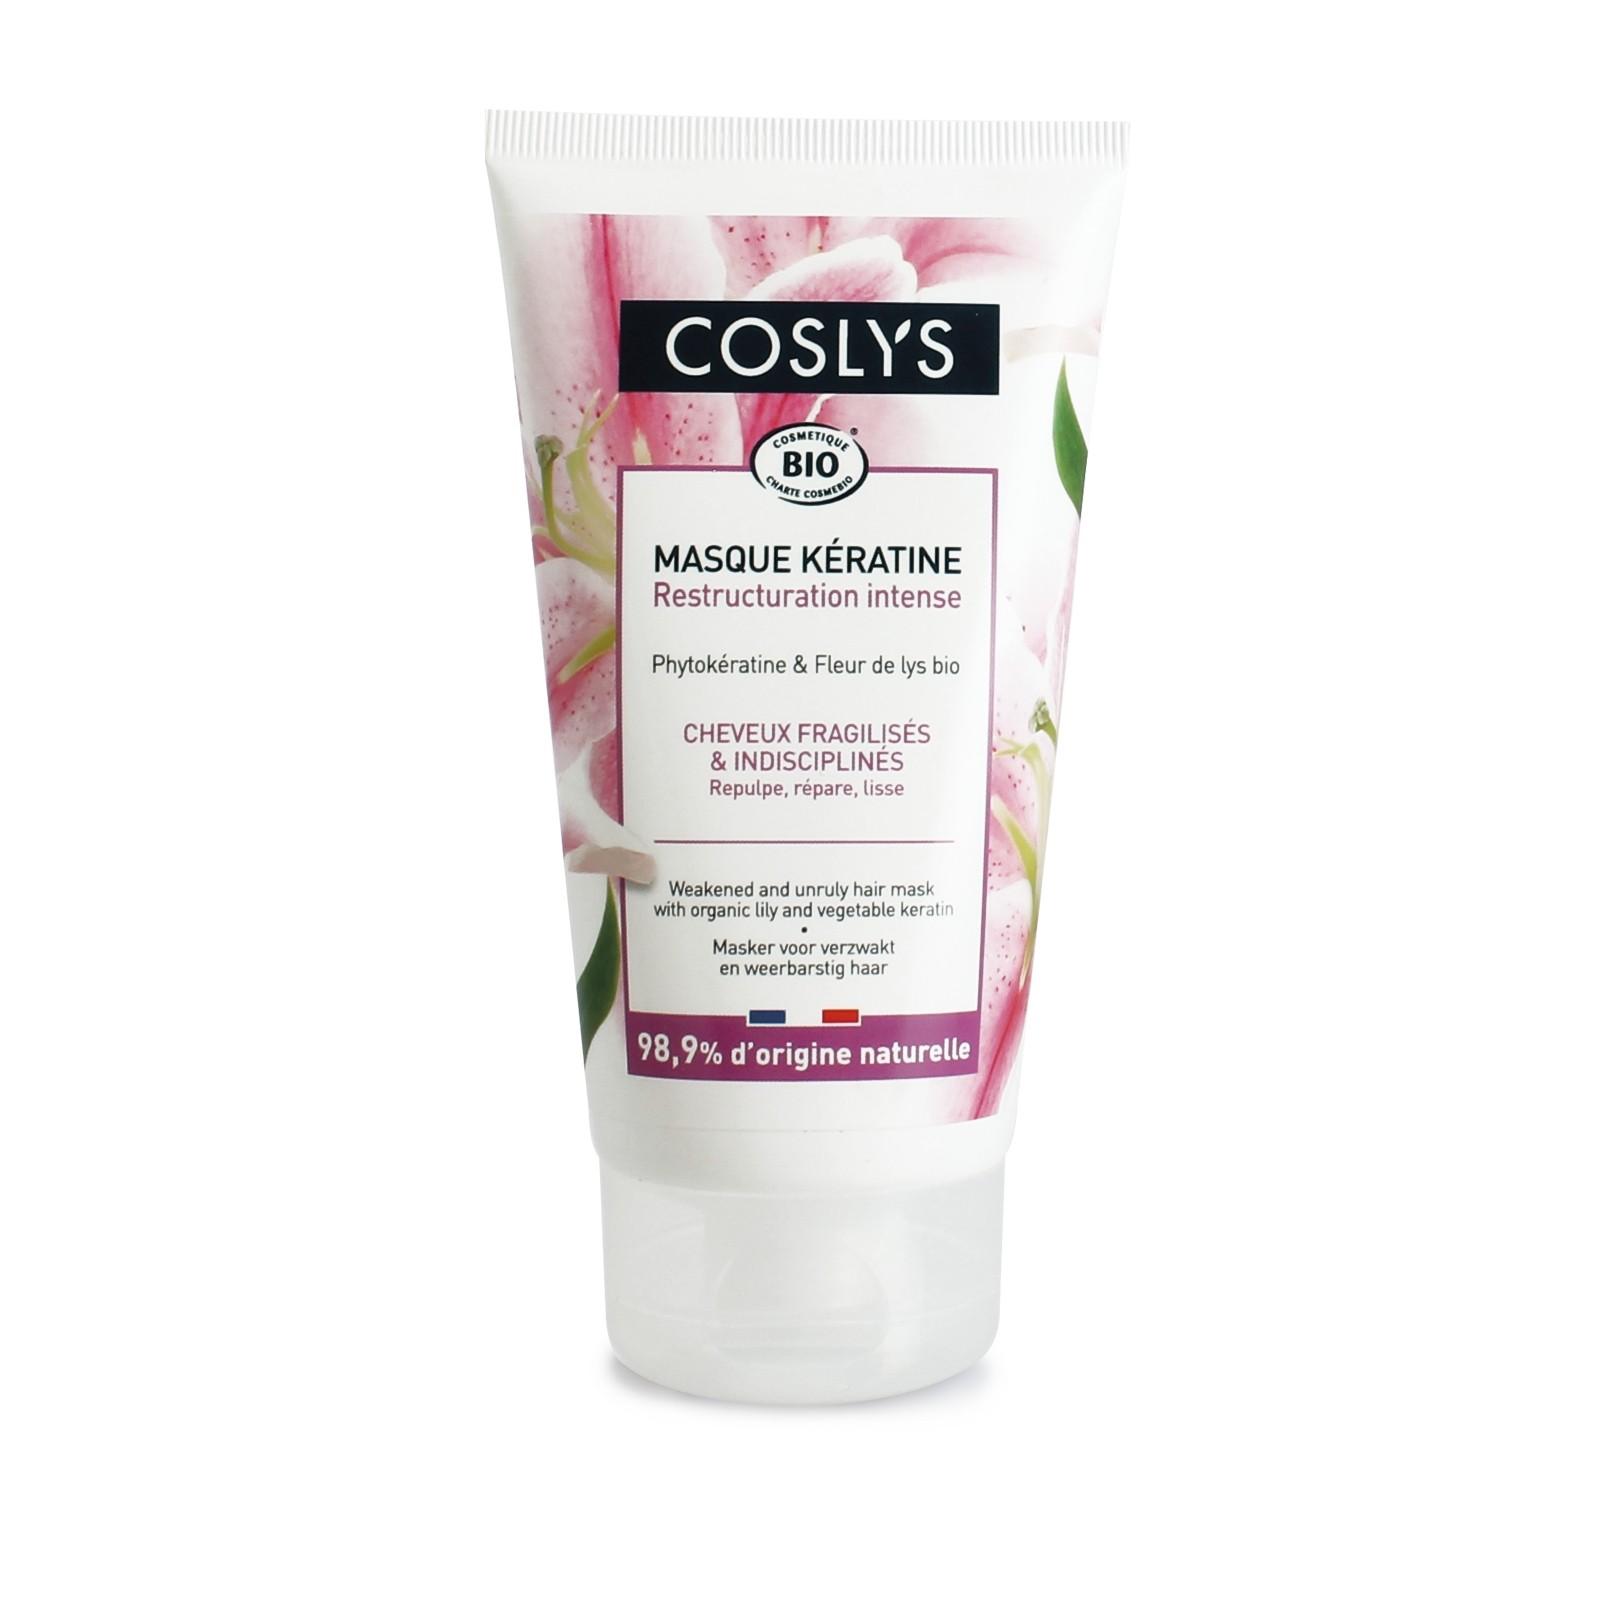 COSLYS Masque cheveux fragilisés et indisciplinés BIO - 150 ml